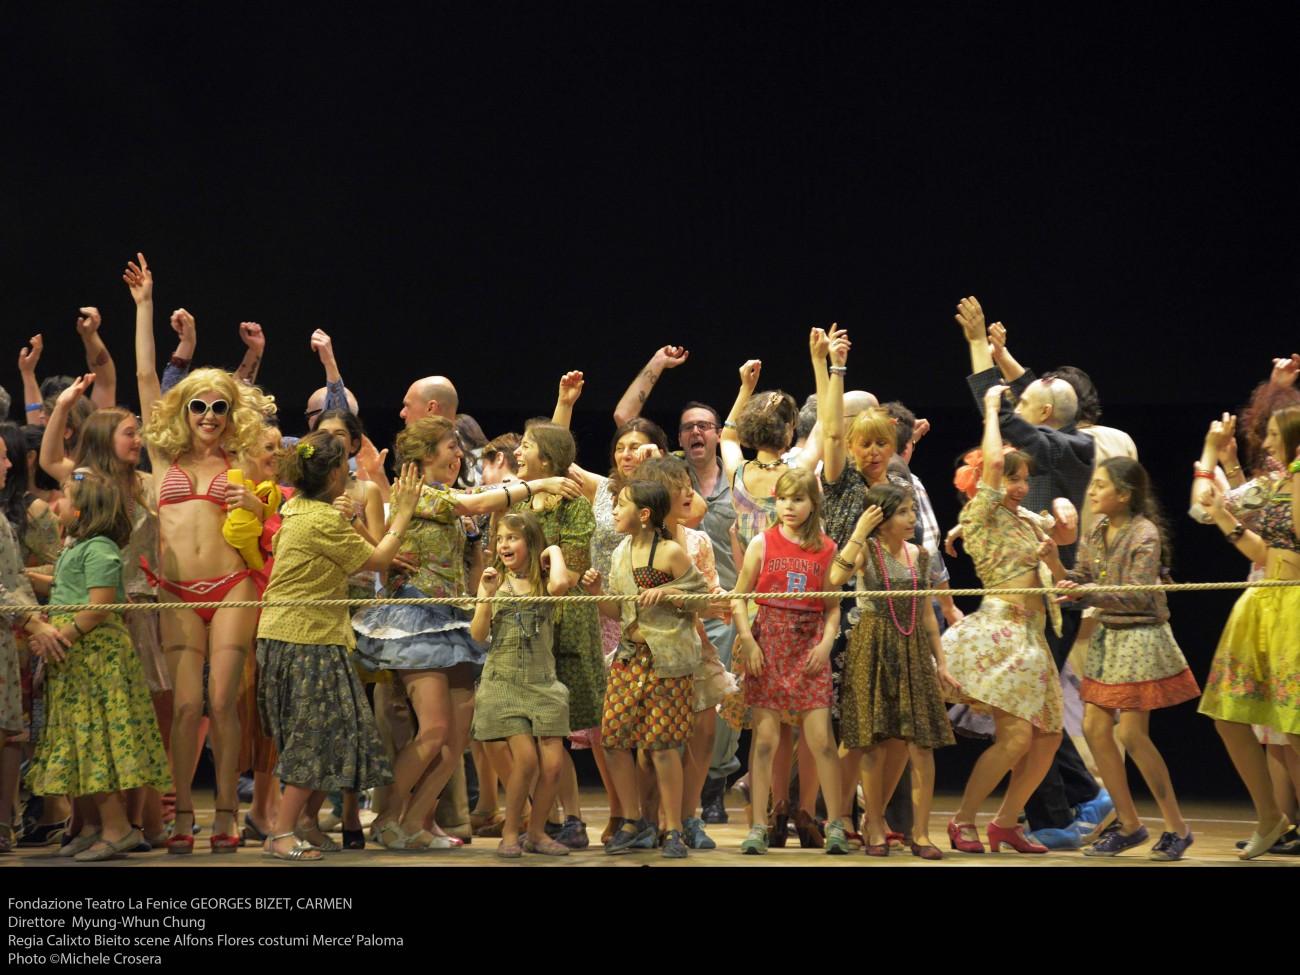 Carmen a Venezia: via il folclore spagnolo e largo alla modernità di Bieito.